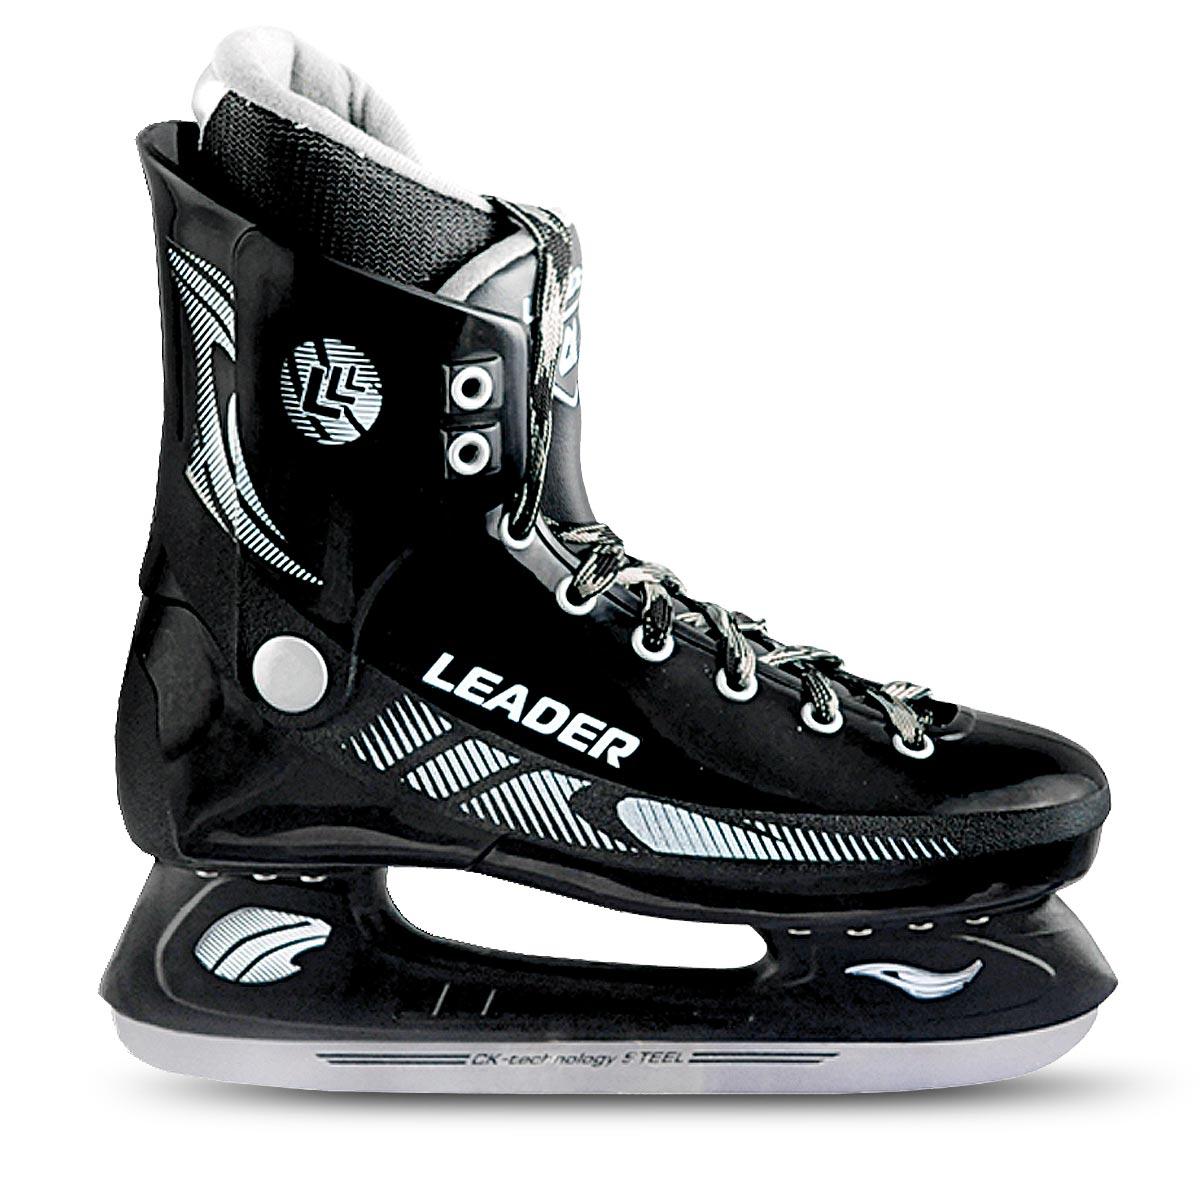 Коньки хоккейные мужские CK Leader, цвет: черный. Размер 37